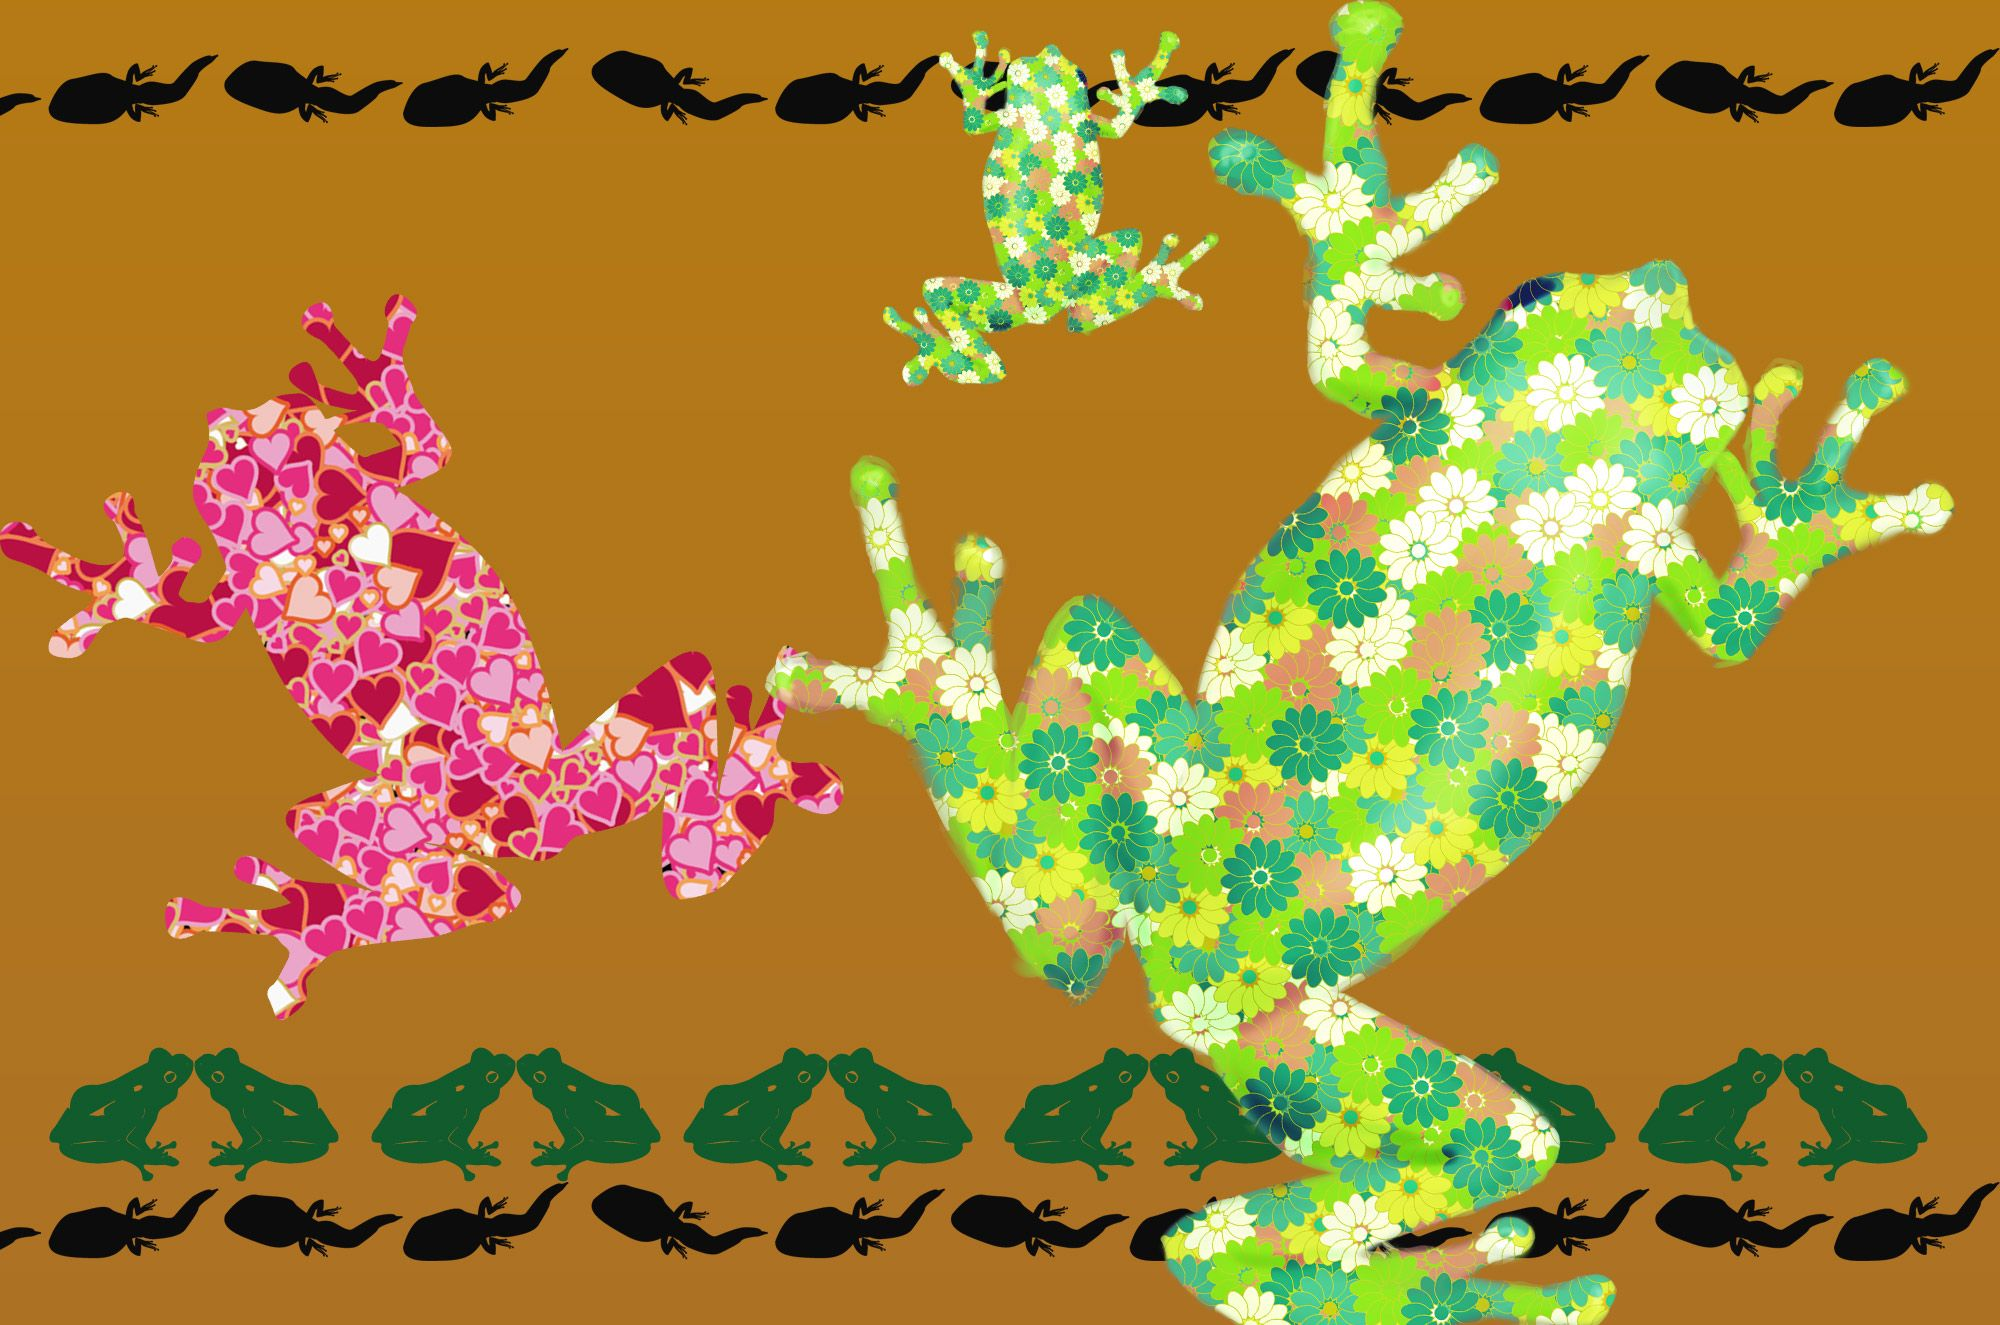 カエルの無料イラスト 可愛い蛙と面白いキャラクター素材 カエル